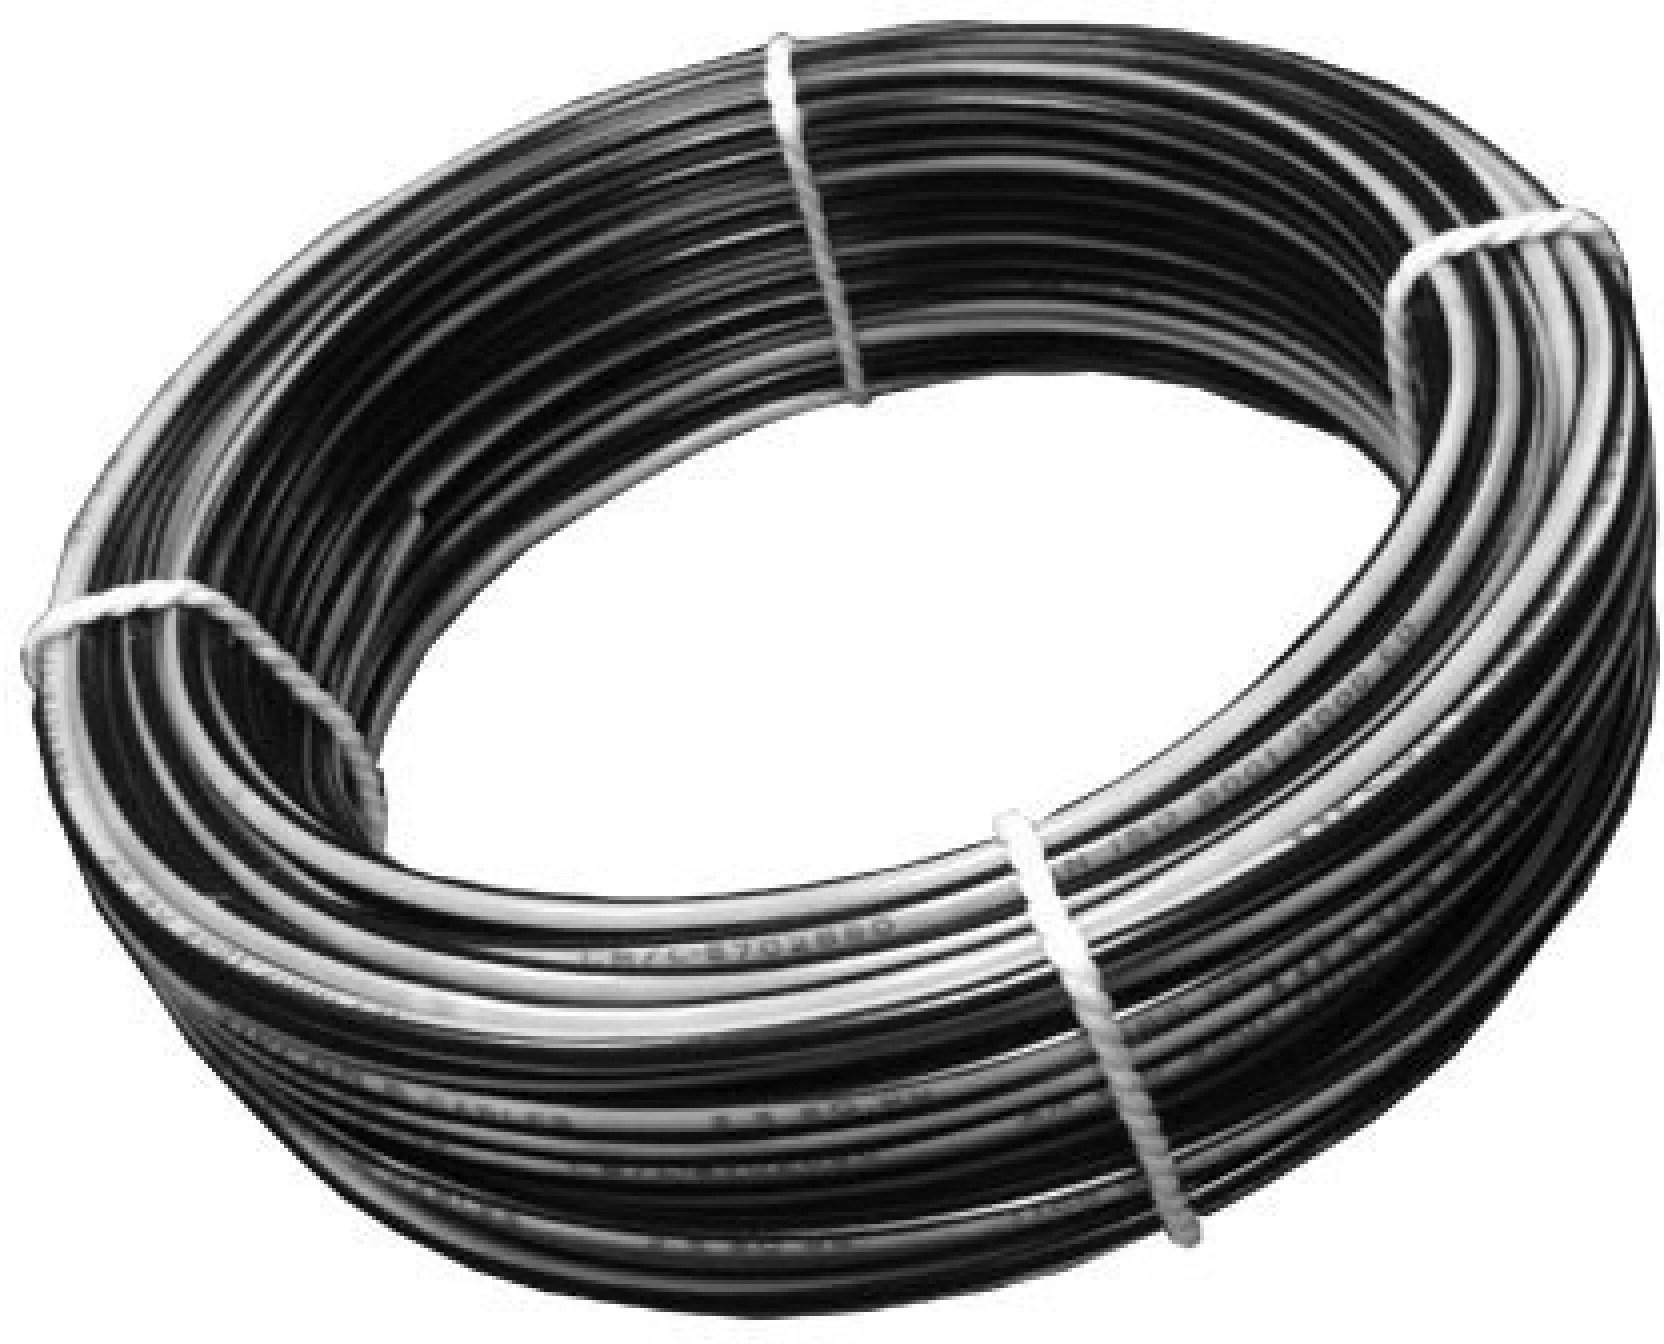 tipcon fr 2 5 sq mm black 30 m wire black  [ 1664 x 1344 Pixel ]